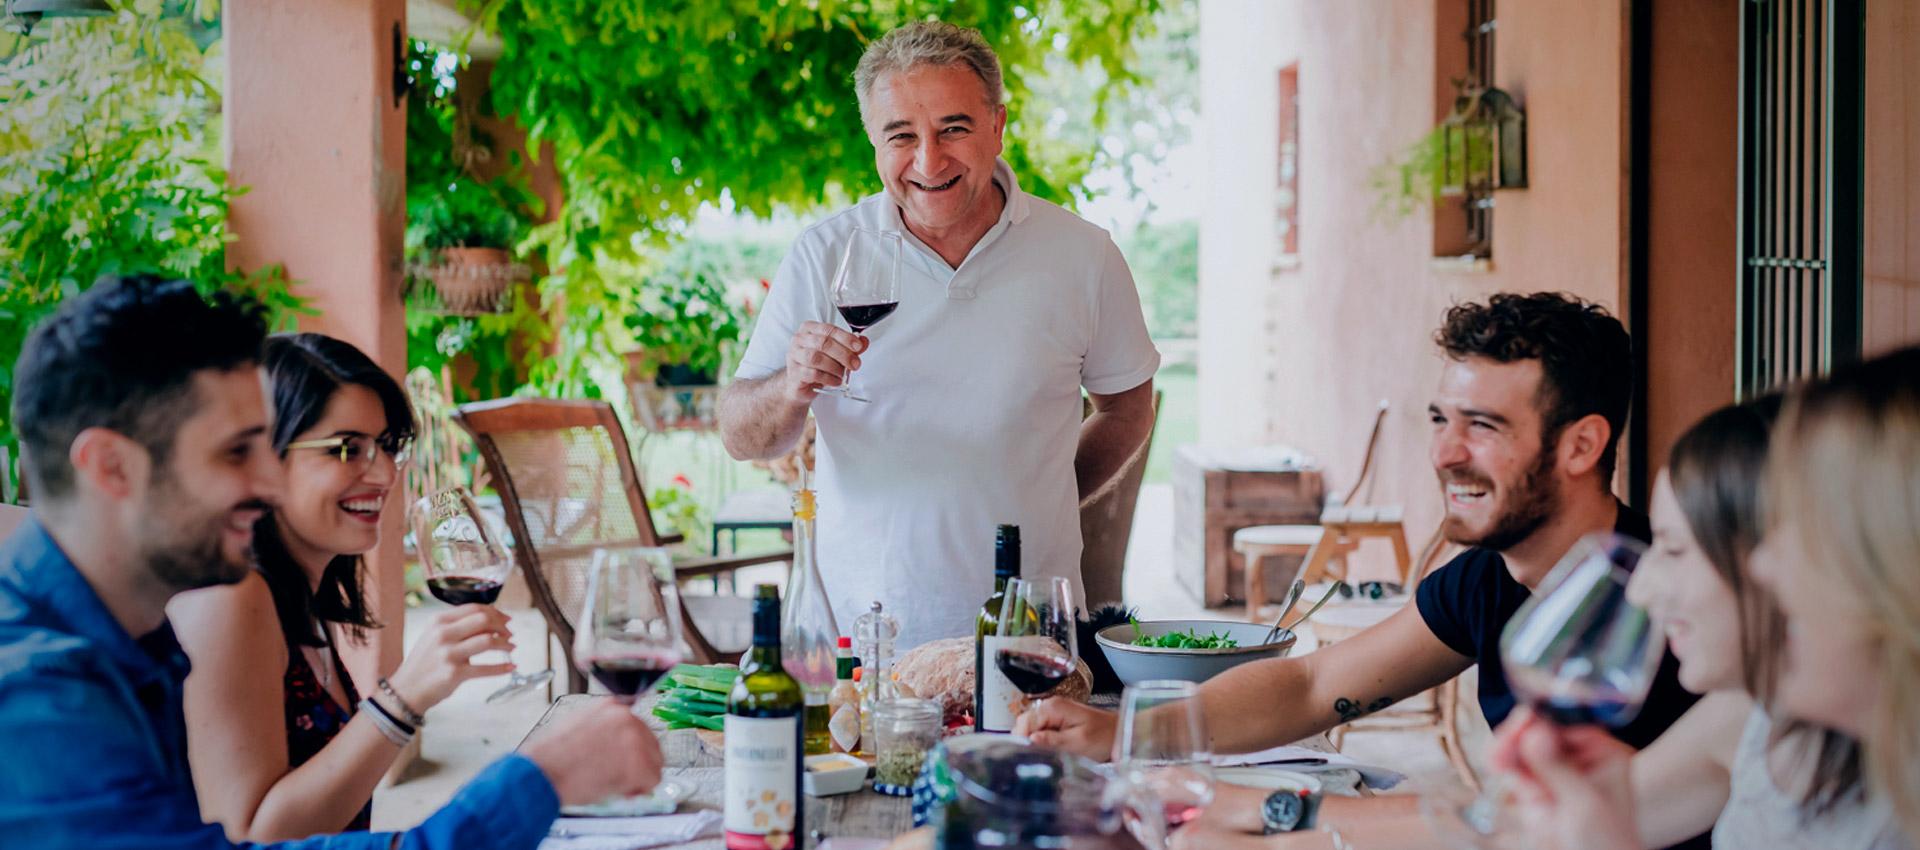 Caviro vino in tavola